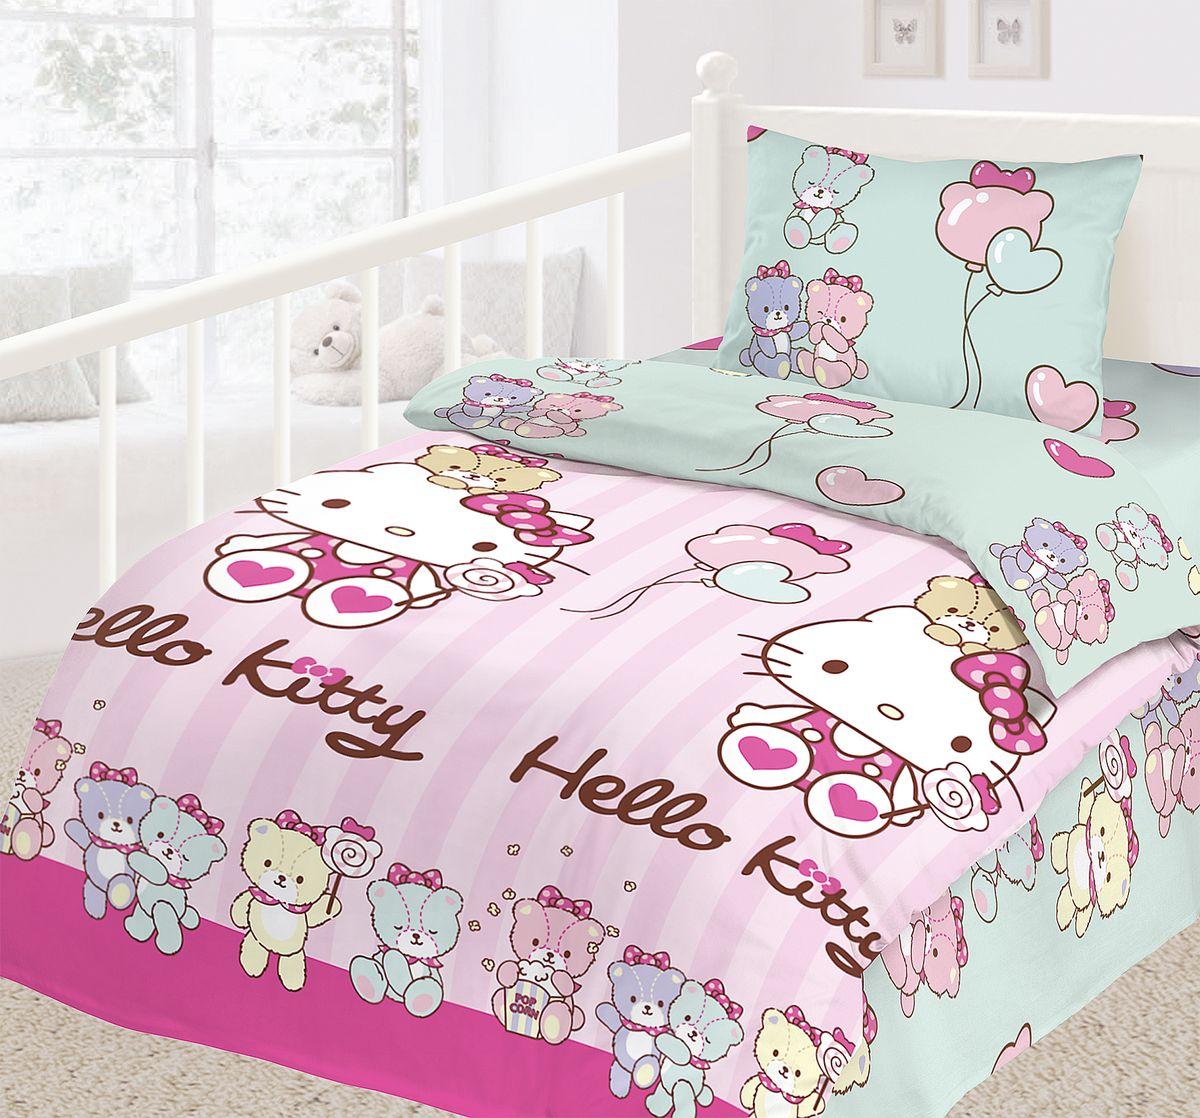 Комплект детского постельного белья Hello Kitty, цвет: розовый, голубой, 3 предмета180089Детский комплект постельного белья Hello Kitty состоит из наволочки, пододеяльника и простыни. Такой комплект идеально подойдет для кровати вашего ребенка и обеспечит ему здоровый сон. Он изготовлен из ранфорса (100% хлопок), дарящего малышу непревзойденную мягкость. Натуральный материал не раздражает даже самую нежную и чувствительную кожу ребенка, обеспечивая ему наибольший комфорт. Приятный рисунок комплекта подарит вашему ребенку встречу с любимыми героями полюбившегося мультфильма и порадует яркостью и красочностью дизайна.Советы по выбору постельного белья от блогера Ирины Соковых. Статья OZON Гид